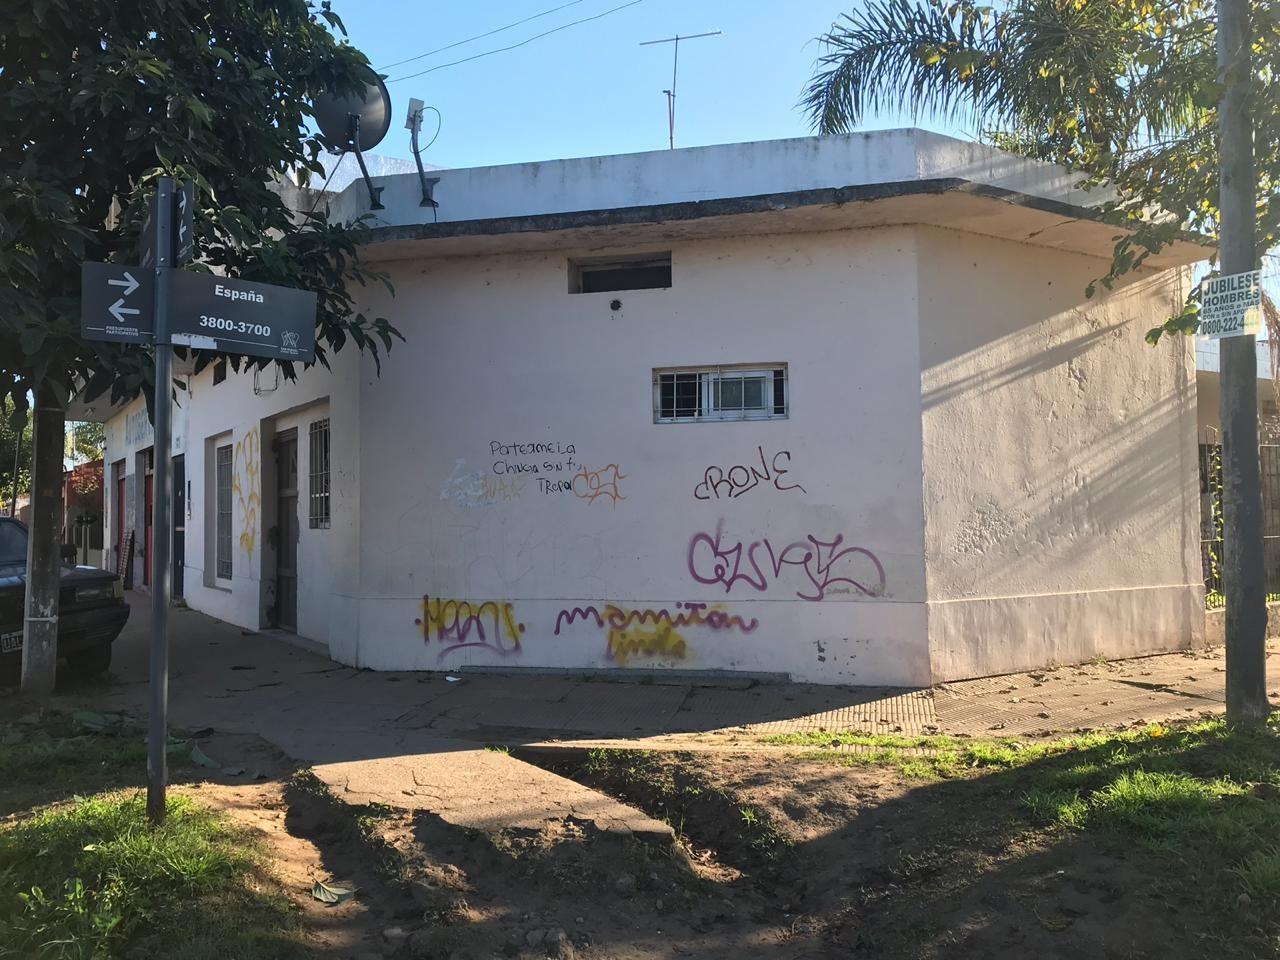 Casa en venta con departamentos | España esquina Pichincha | San Miguel Casa en venta con dos departamentos.